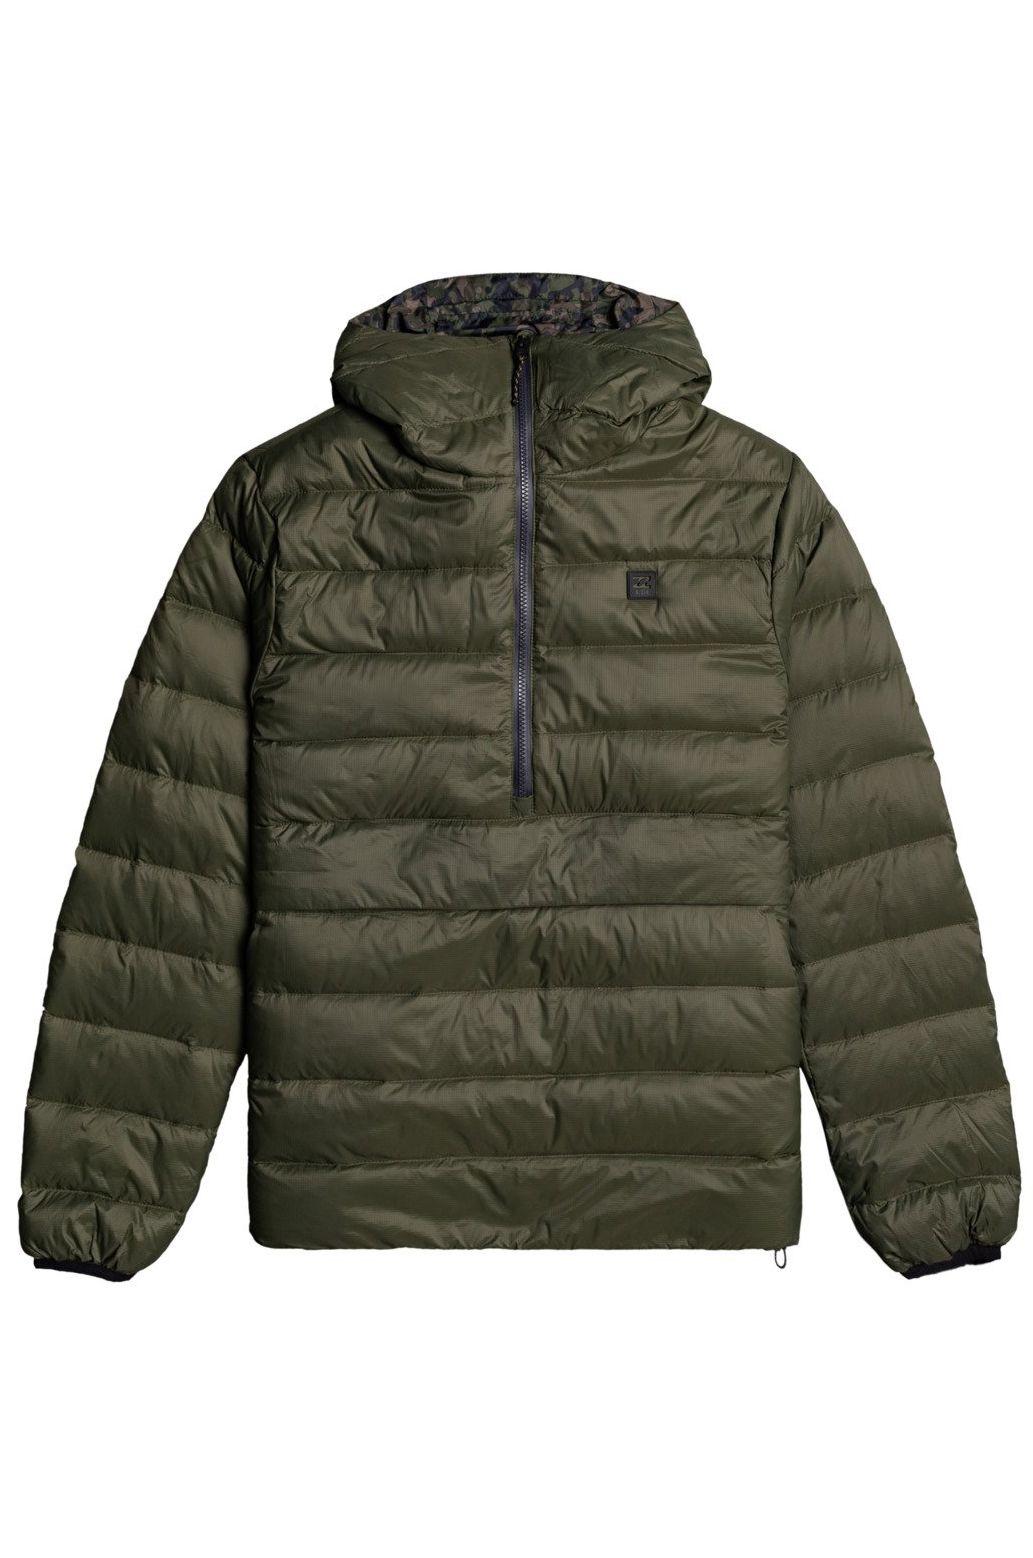 Billabong Jacket BROADPEAK PO ADVENTURE DIVISION Dark Olive